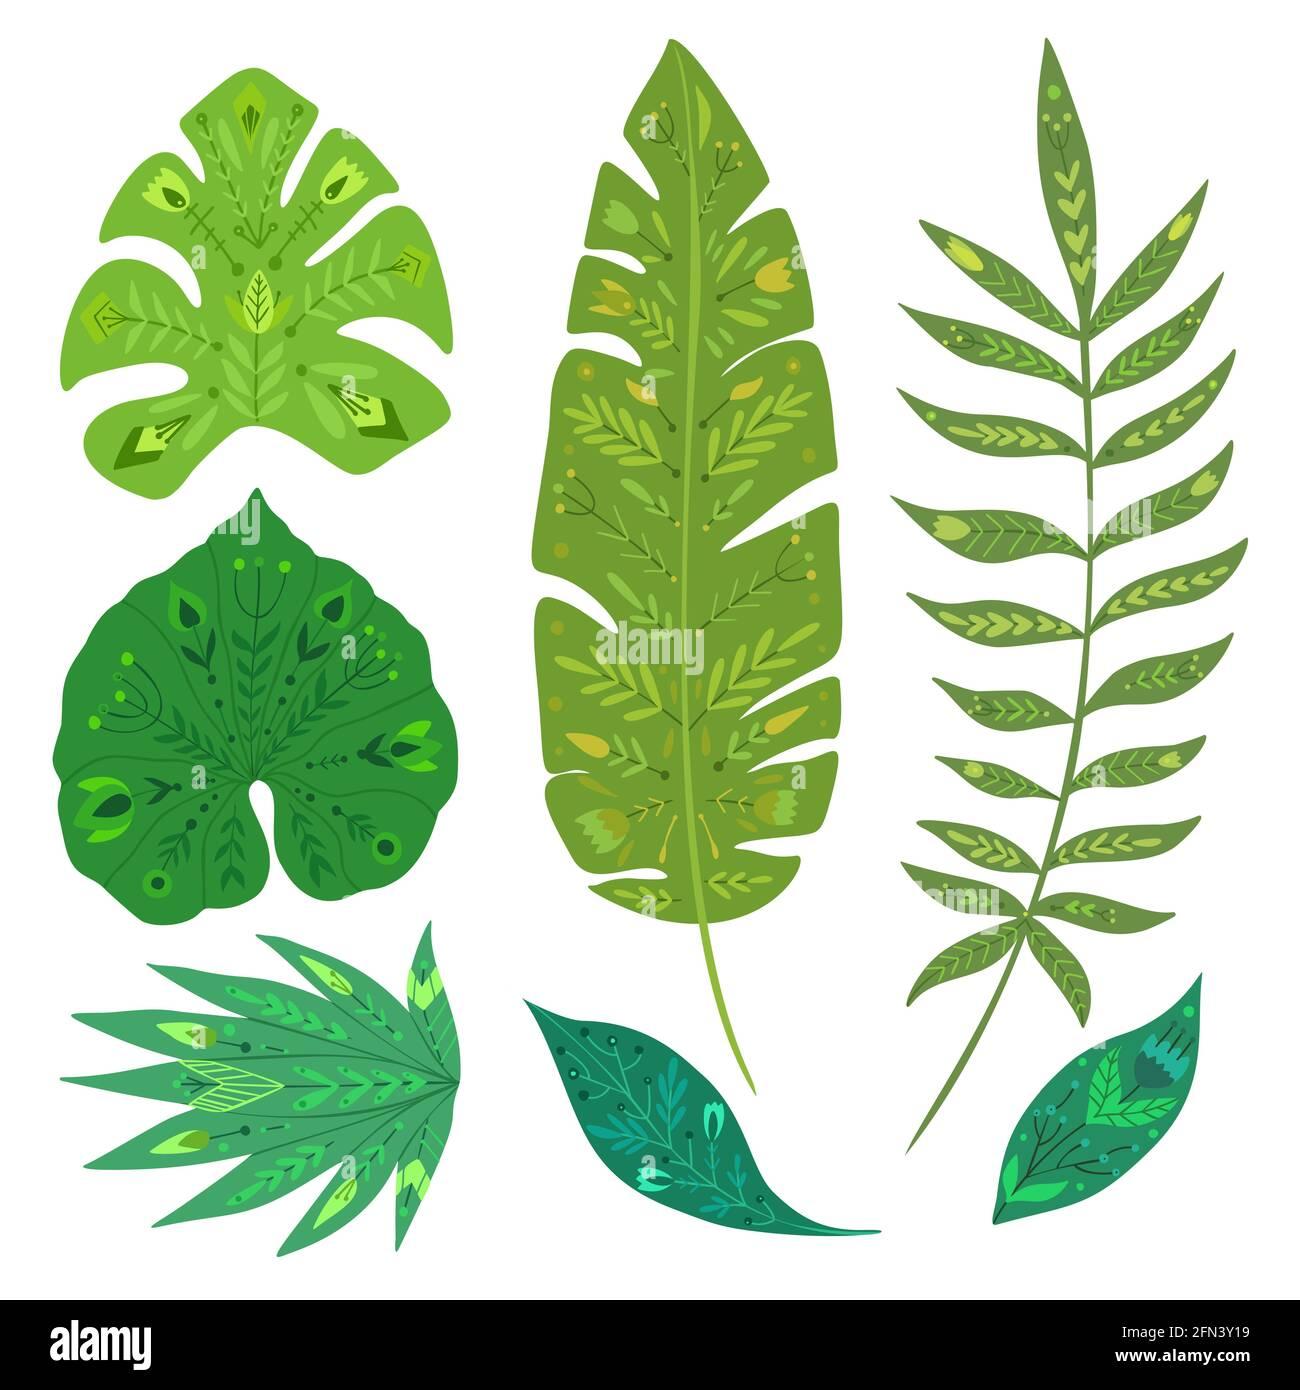 Set aus tropischen Blättern mit volkstümlichem Muster. Vektor natürliches Design-Element. Banane, Monstera, Palme und Liane. Vektor von Hand gezeichnetes flaches Laub mit Dekorat Stock Vektor